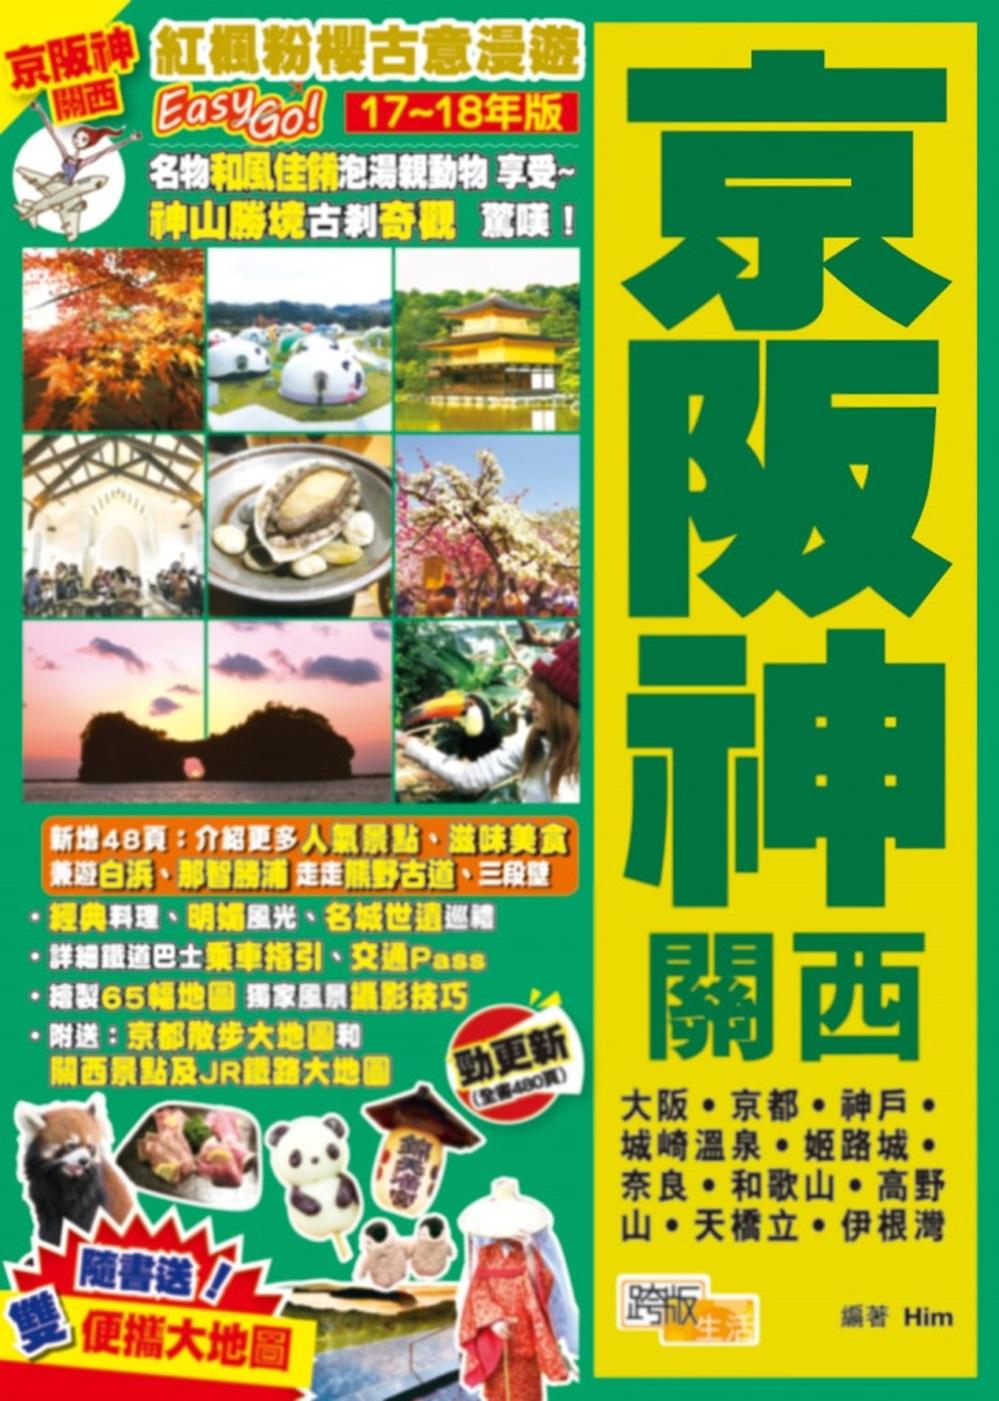 京阪神關西(17-18年版):紅楓粉櫻古意漫遊Easy GO!